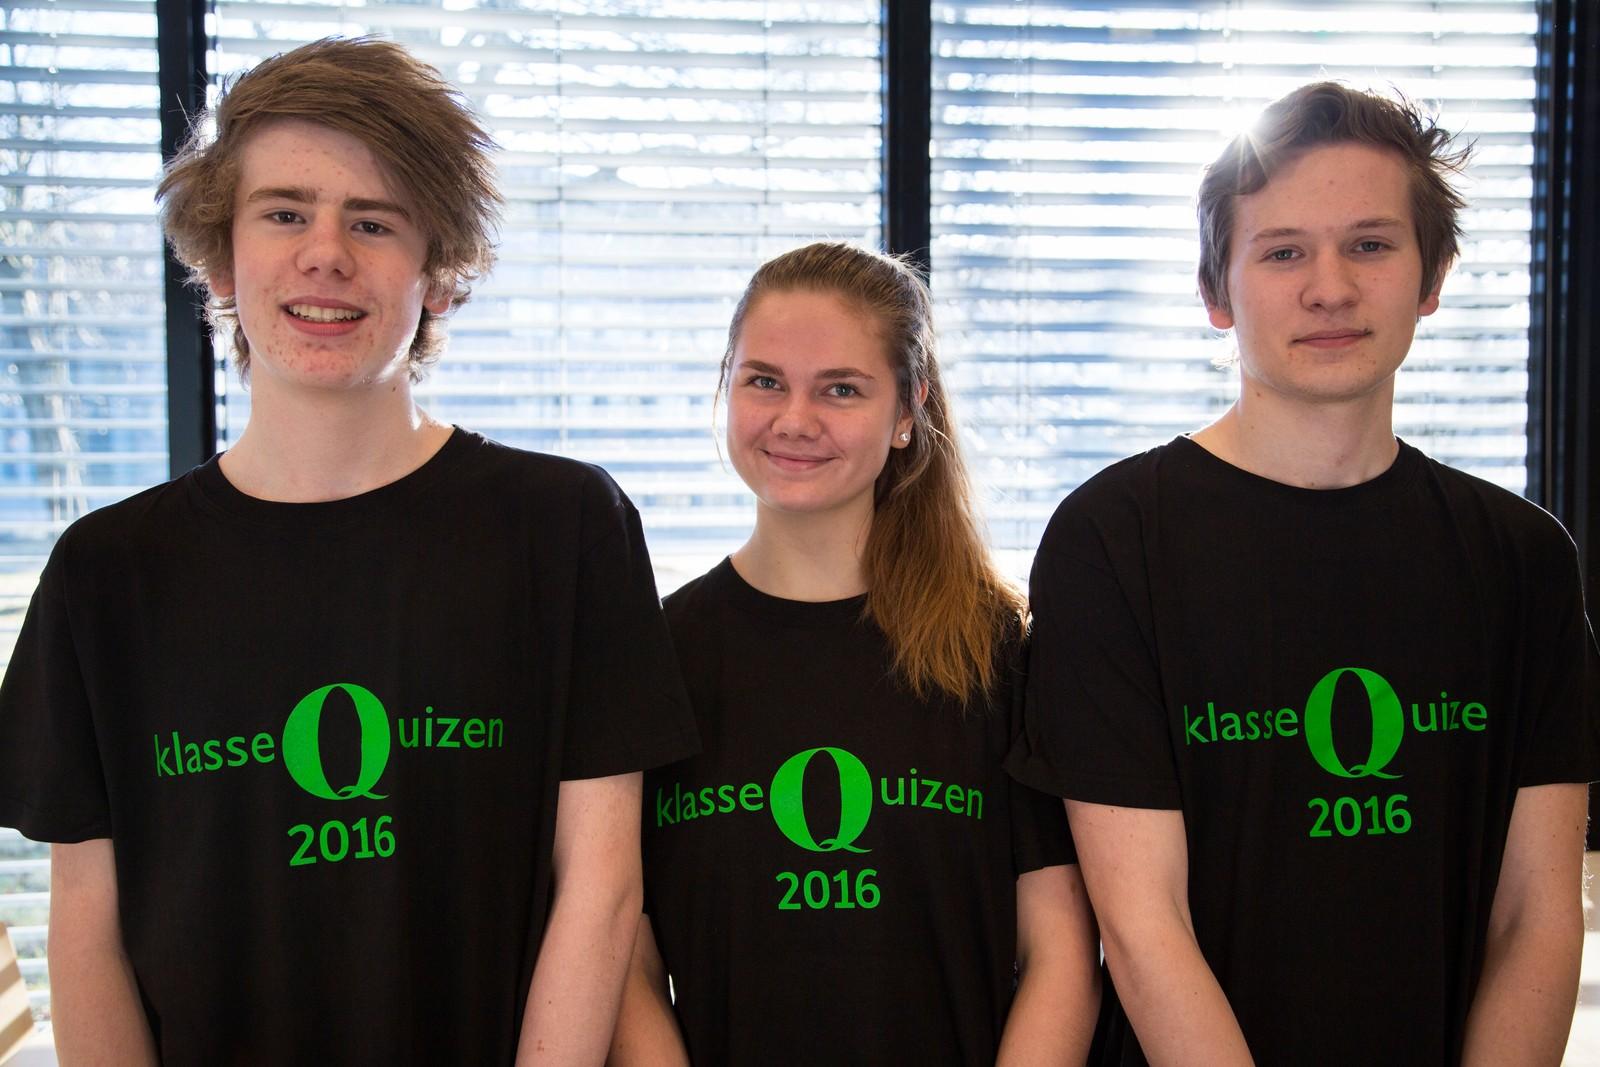 ÅTTE POENG: Simon Dreyer Vetter, Tara Olivia Bjørheim og Trym Rygg Tronerud fra Revheim skole i Stavanger.